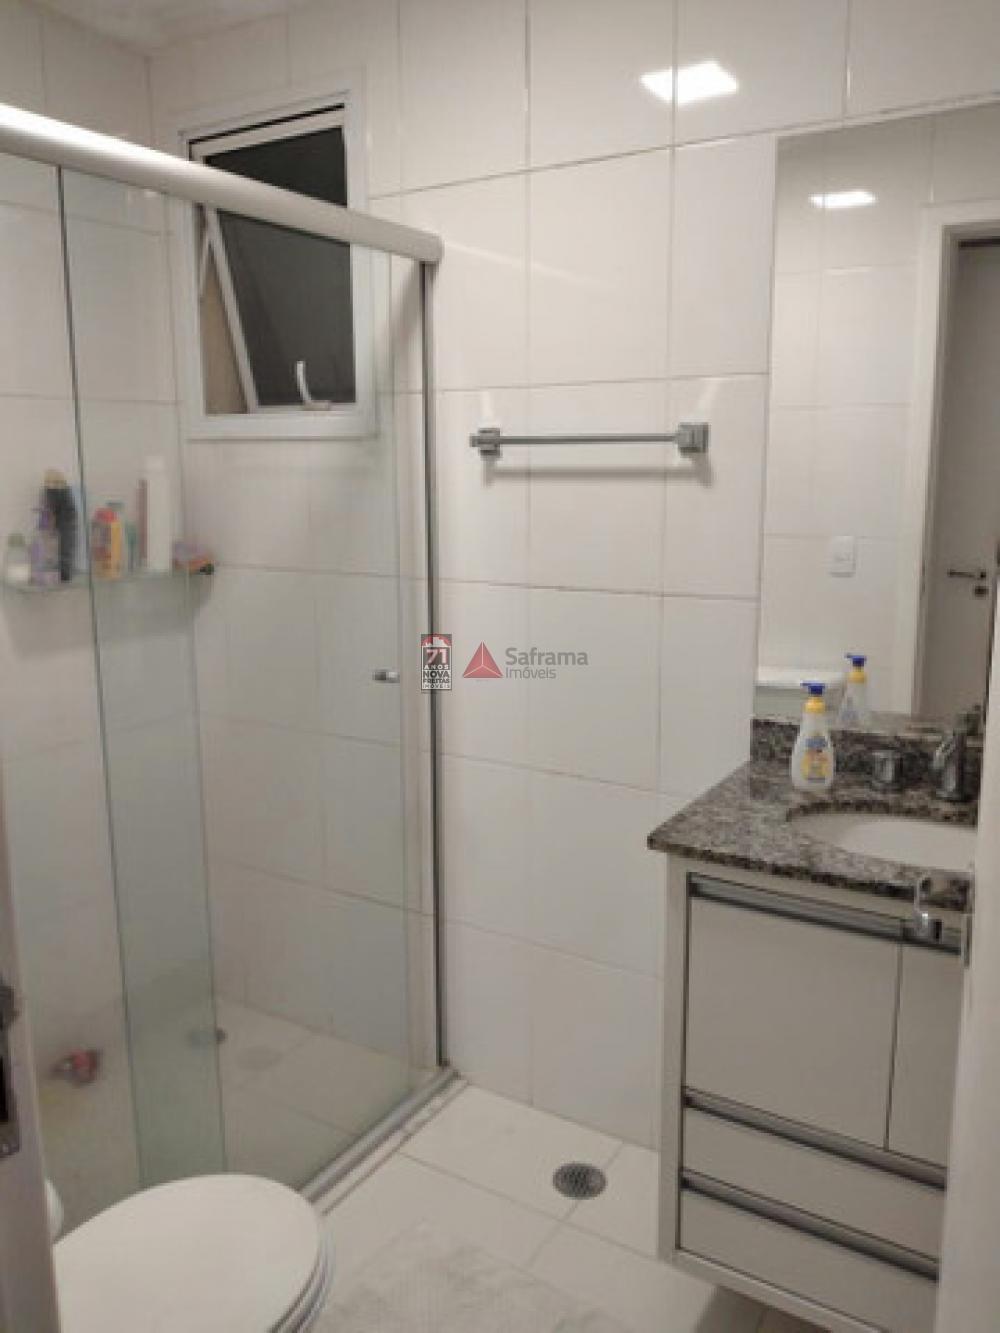 Comprar Apartamento / Padrão em São José dos Campos R$ 652.000,00 - Foto 14